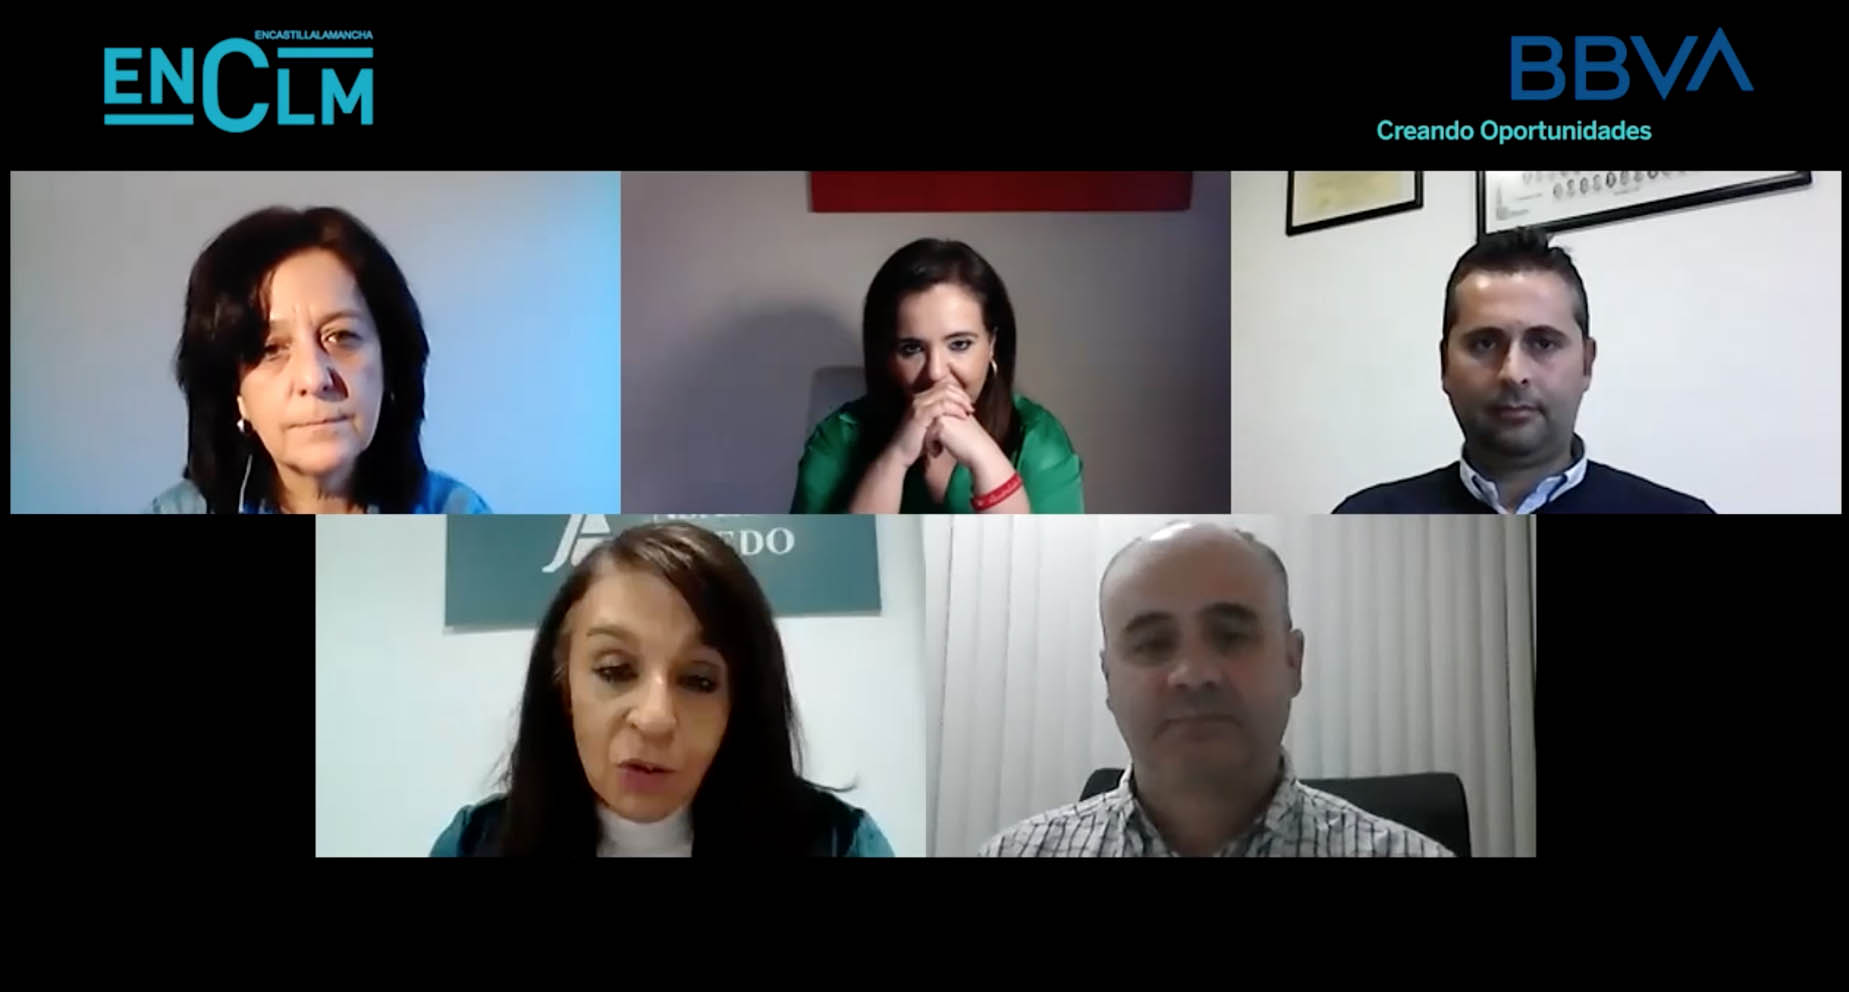 De izquierda a derecha y de arriba a abajo, Sonia Pastor, Mar G. Illán, David Pérez, Blanca Corroto y Fernando Romero.